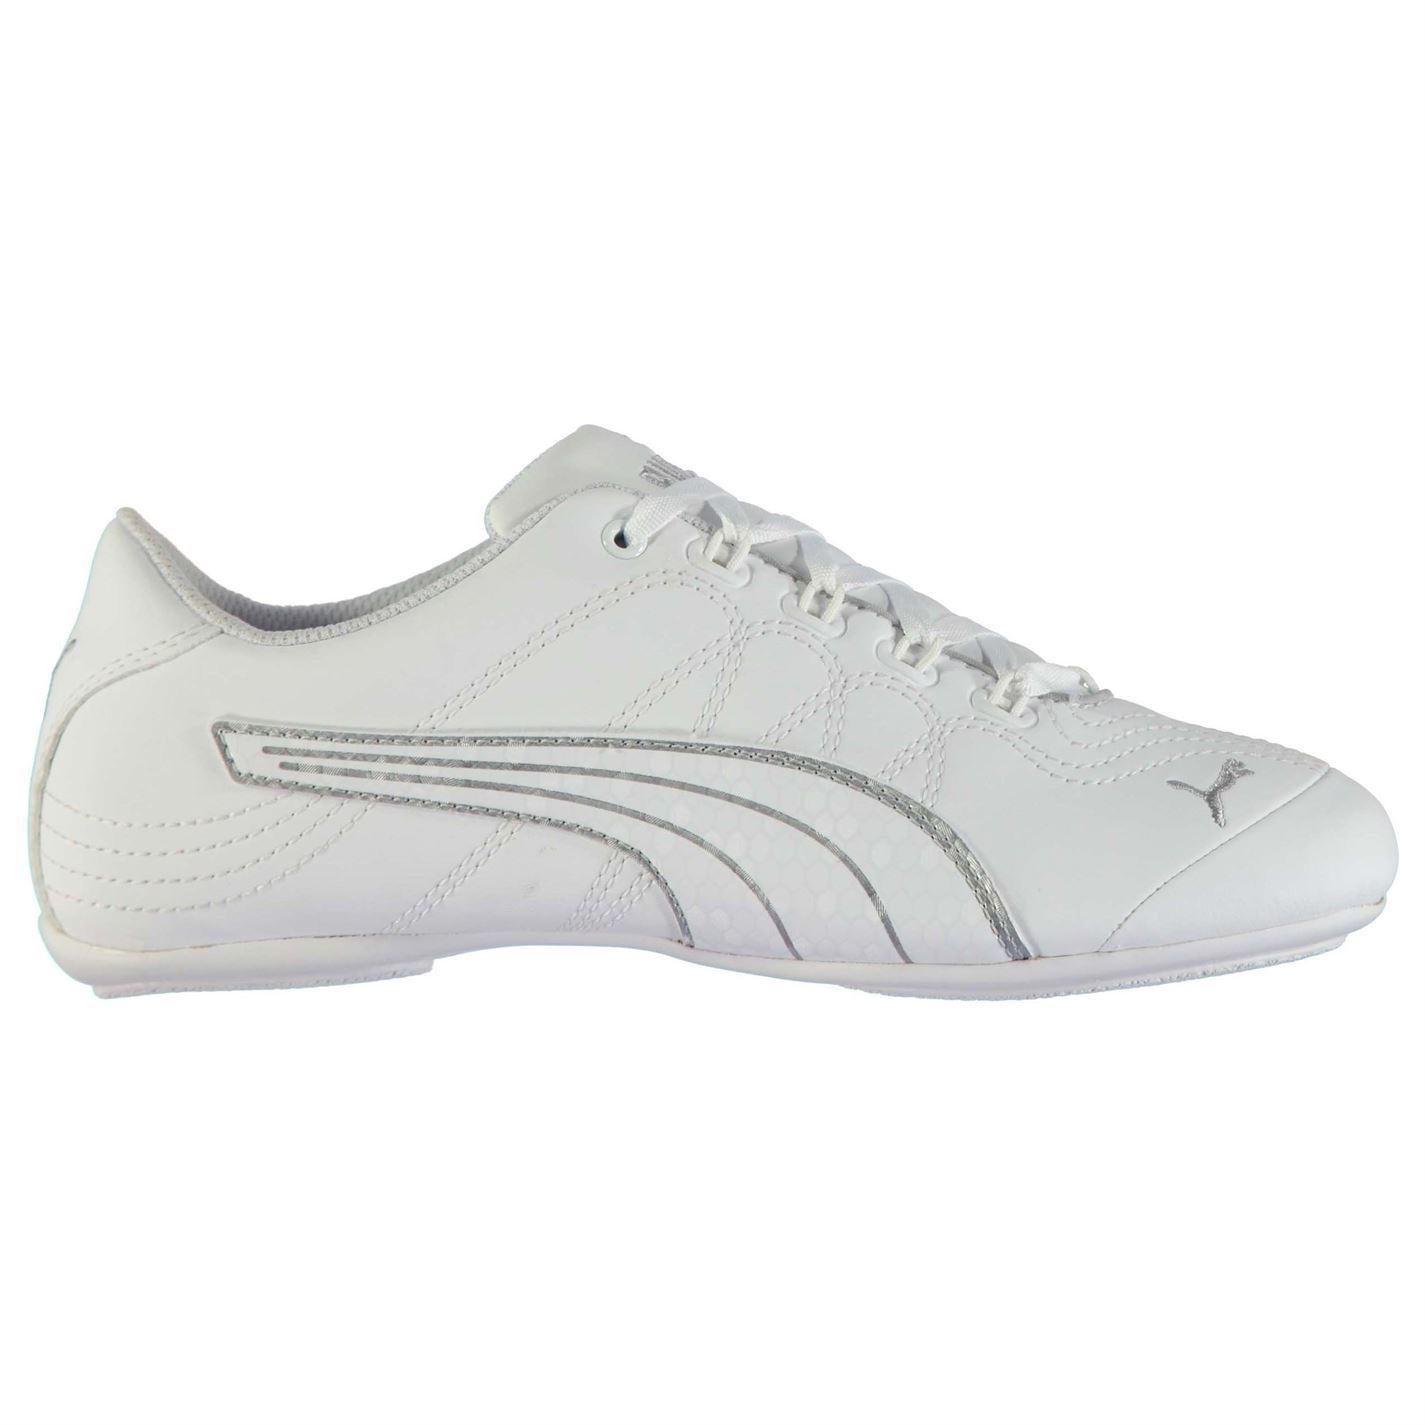 PUMA Donna Scarpe da ginnastica Scarpe da Corsa Sneakers Trainers SOLEIL v2